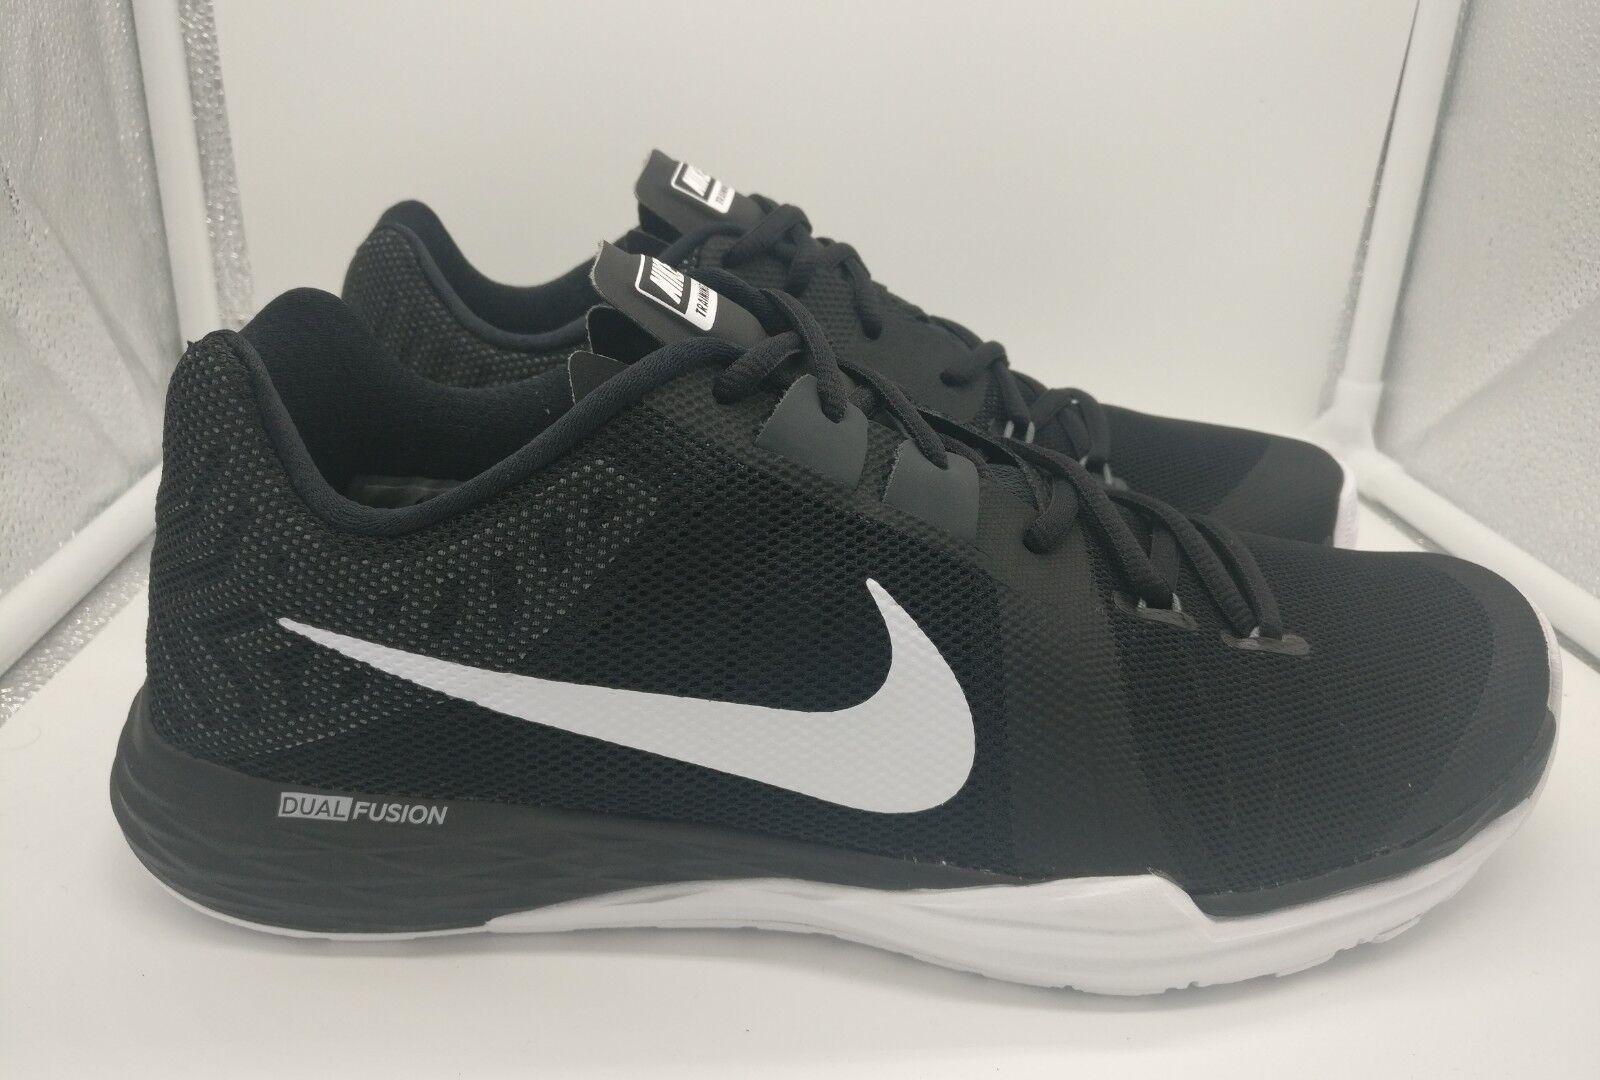 Nike Noir Train Prime Iron DF7 Noir Nike blanc  Anthracite 832219001 67f00c